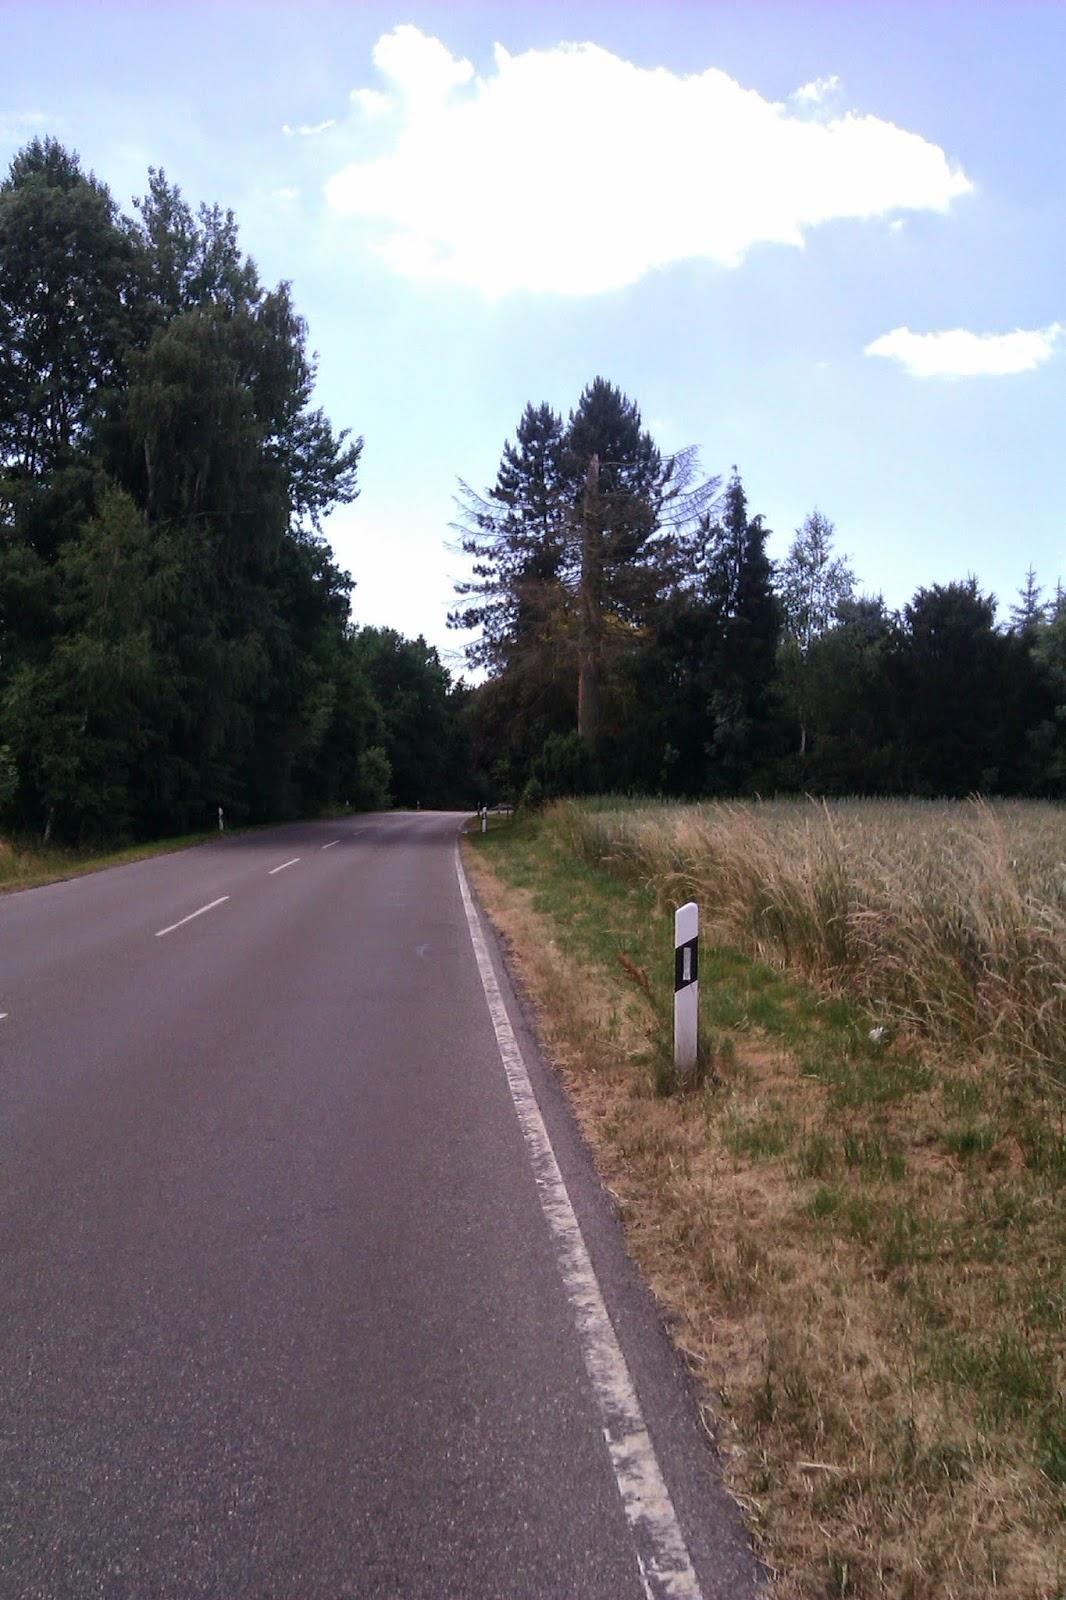 Bayern Radfahrweg langweilig